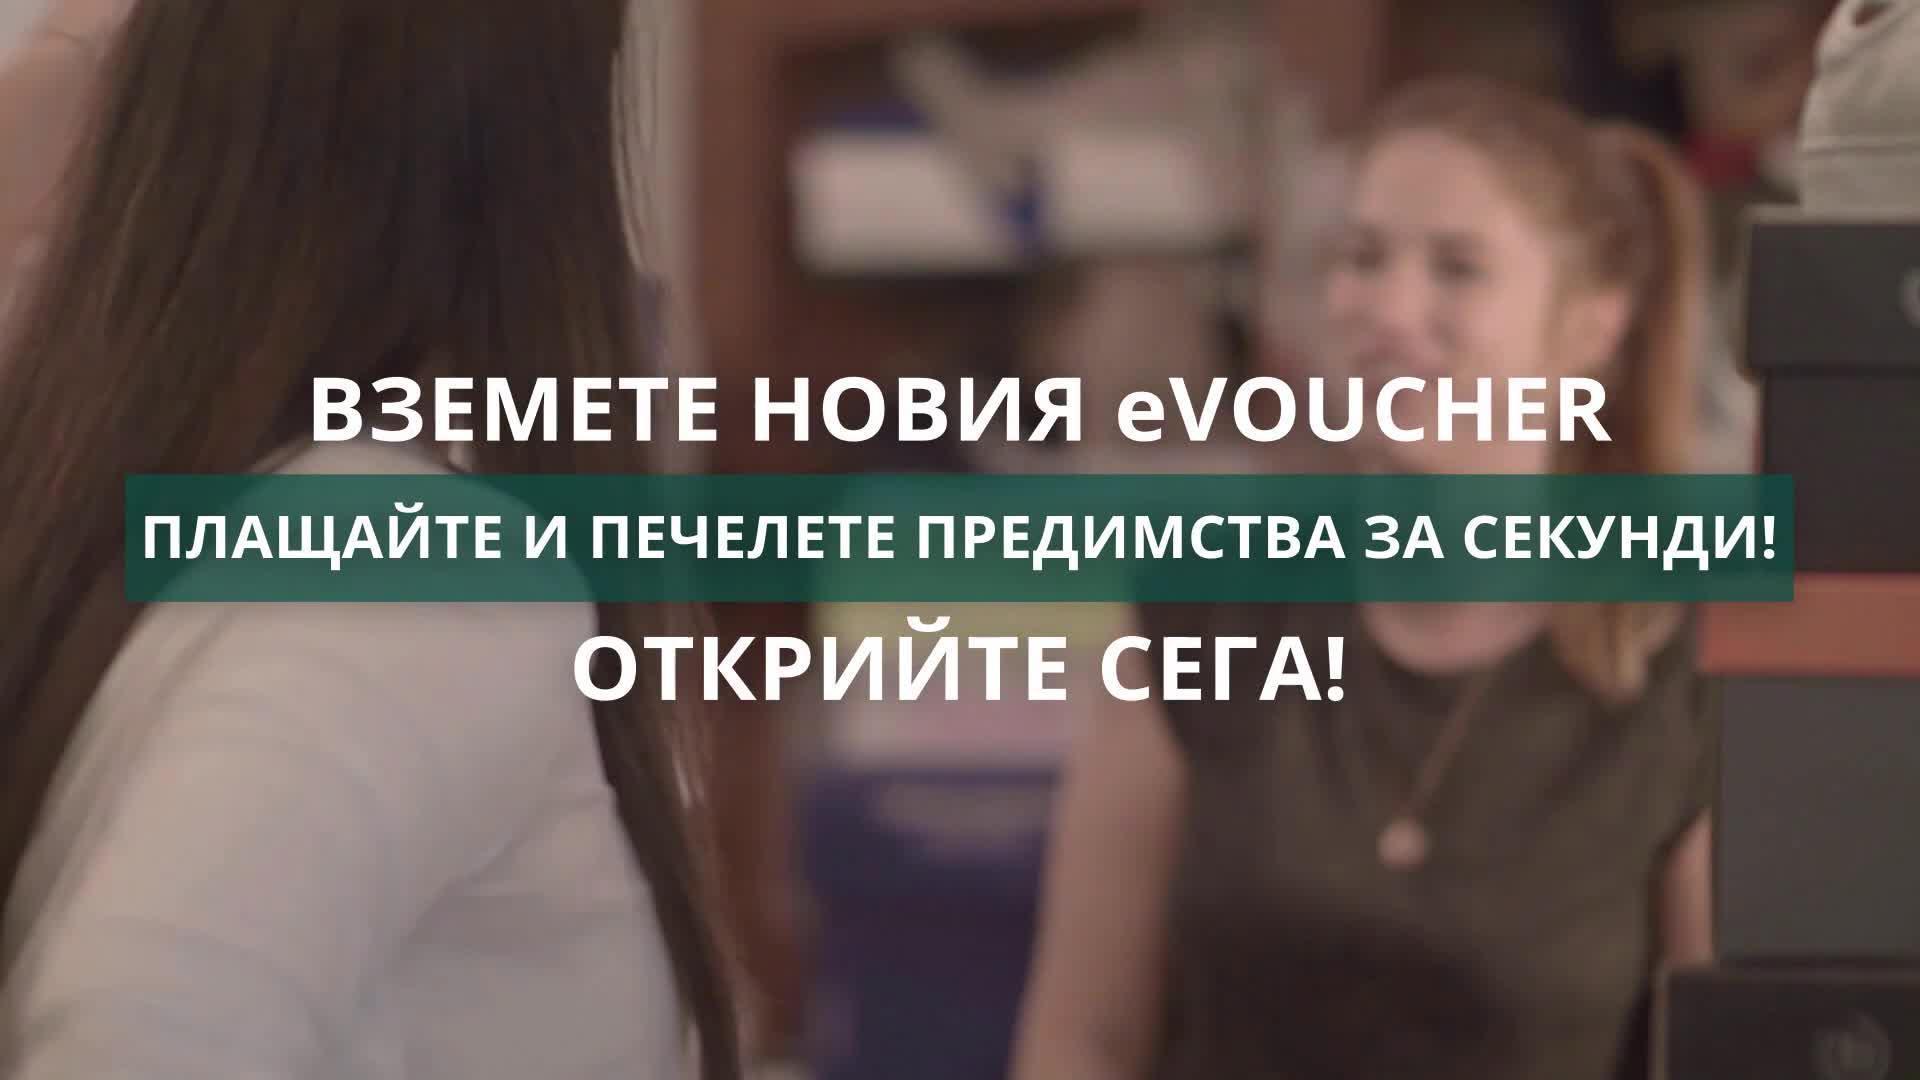 eVoucher App BG